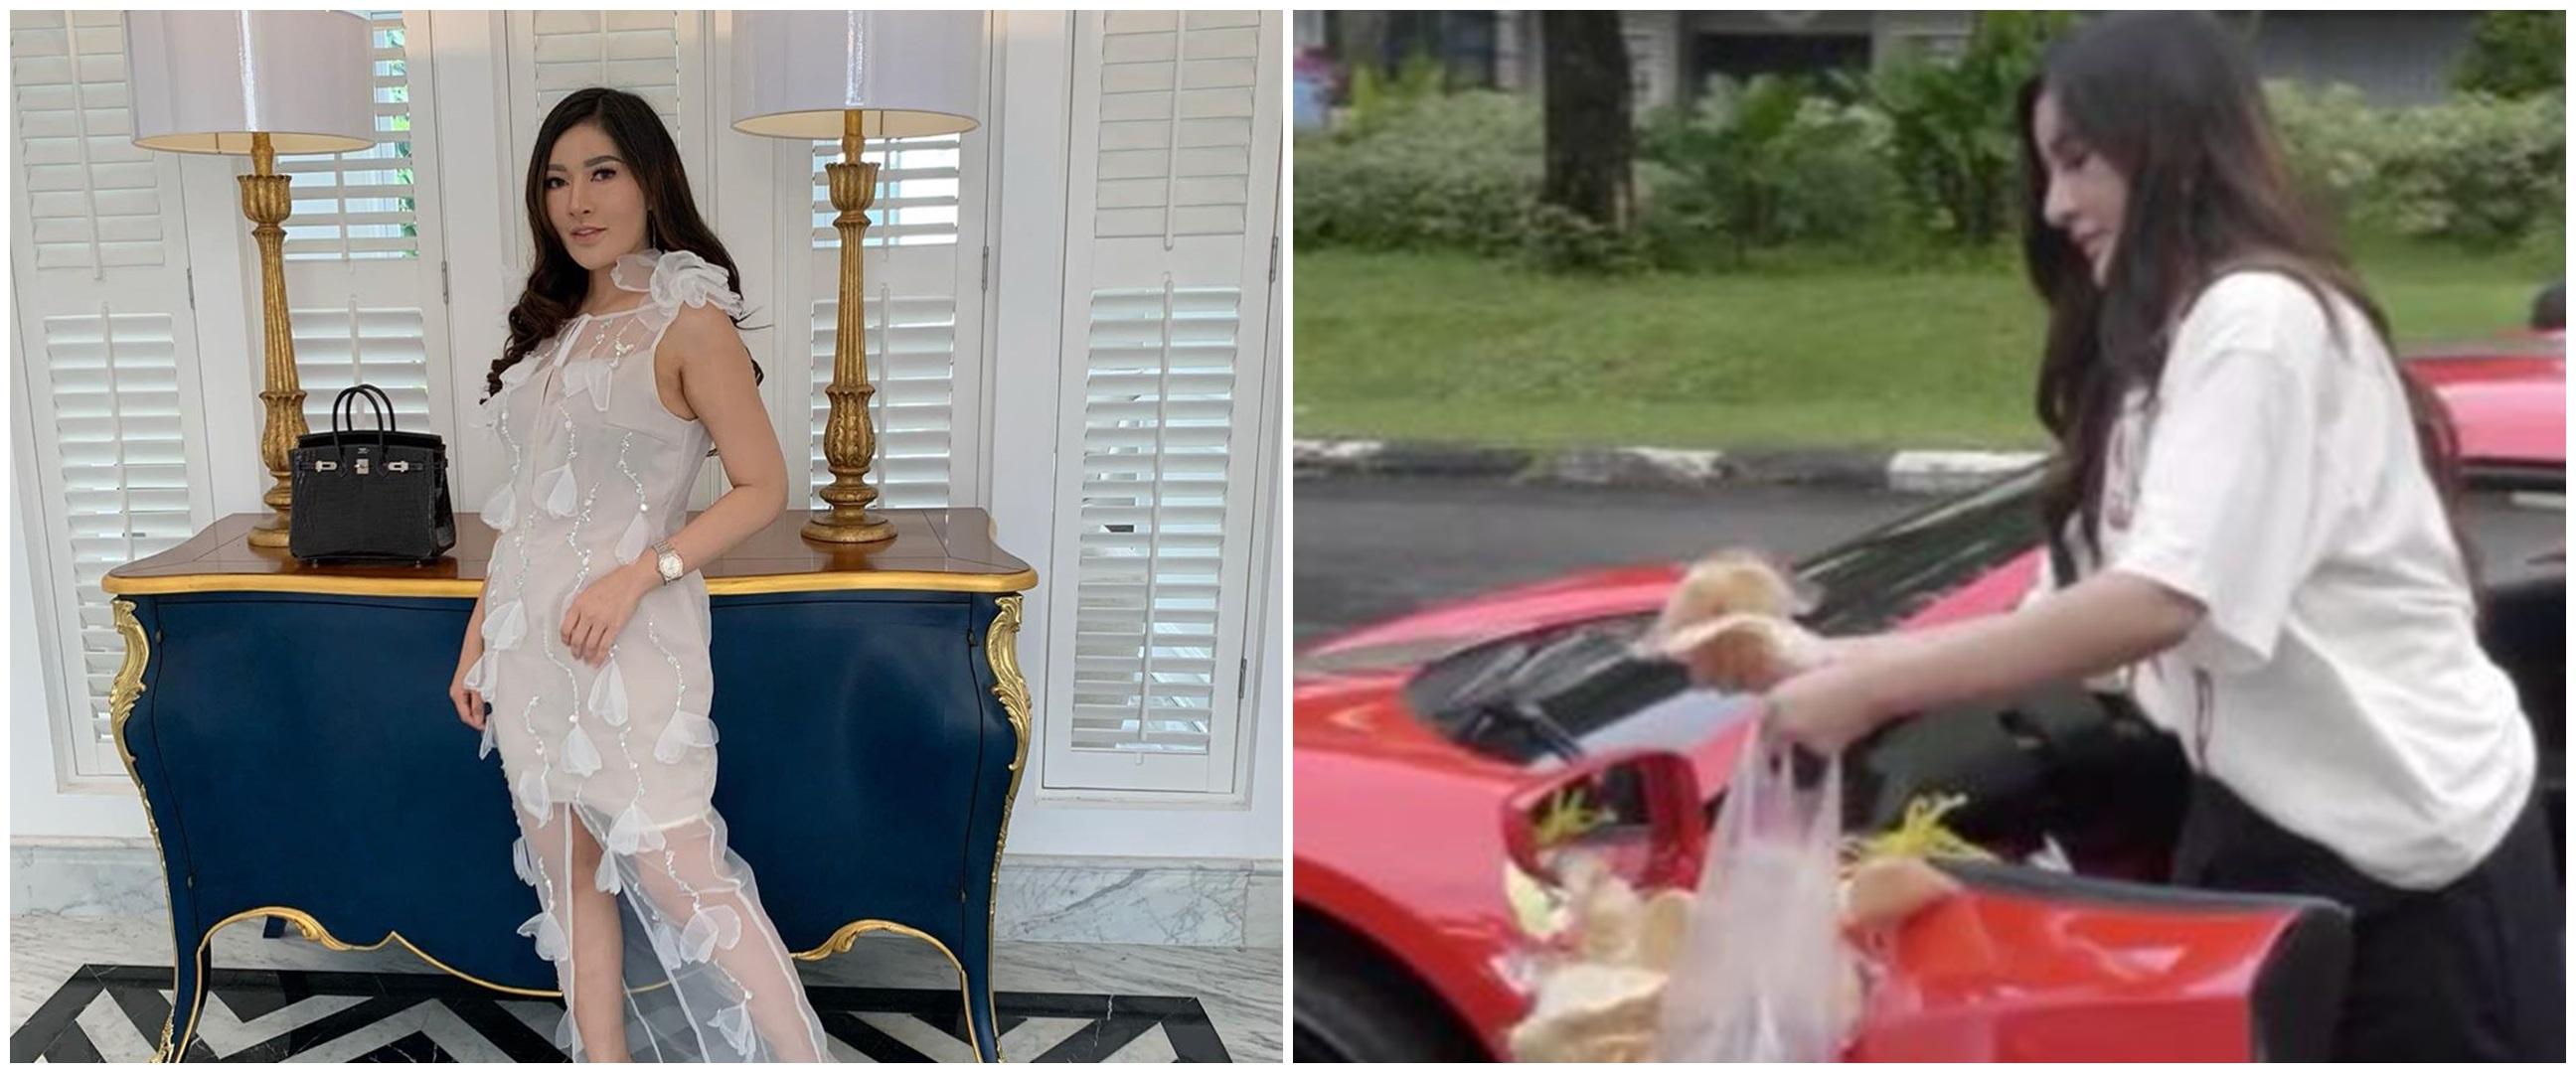 Ini sosok wanita cantik yang viral bagi makanan pakai Ferrari